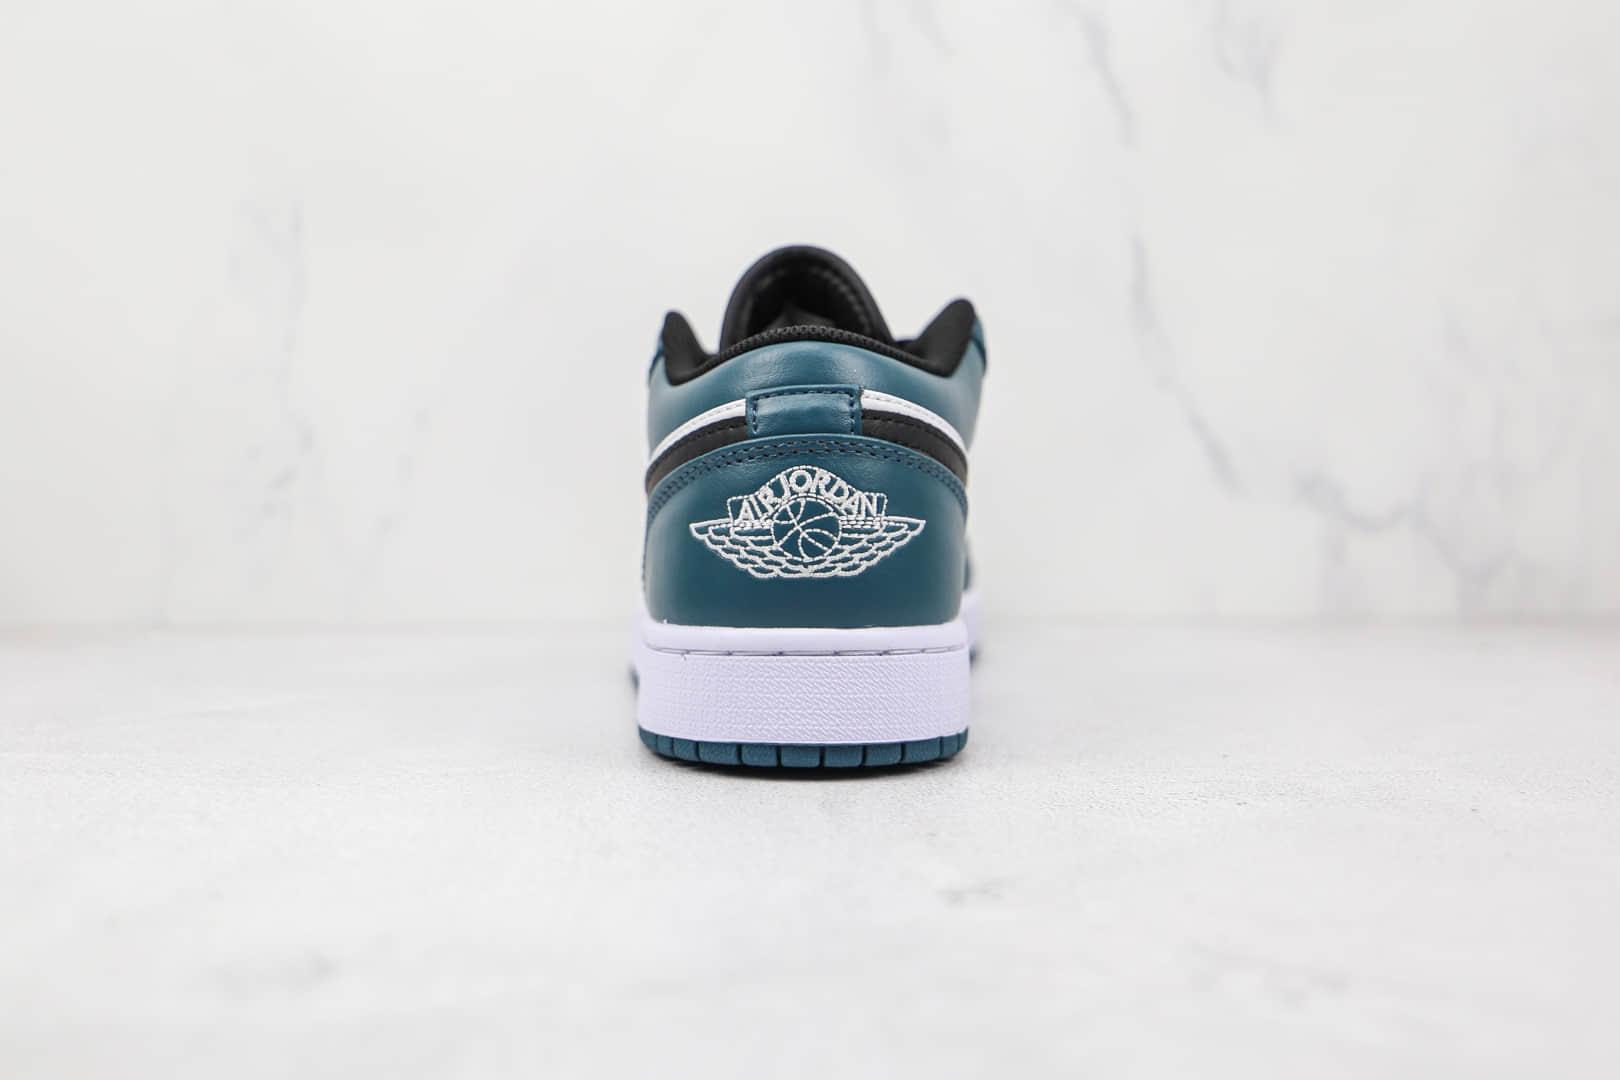 乔丹Air Jordan 1 Low纯原版本低帮AJ1白绿色板鞋原鞋开模一比一打造 货号:553558-411